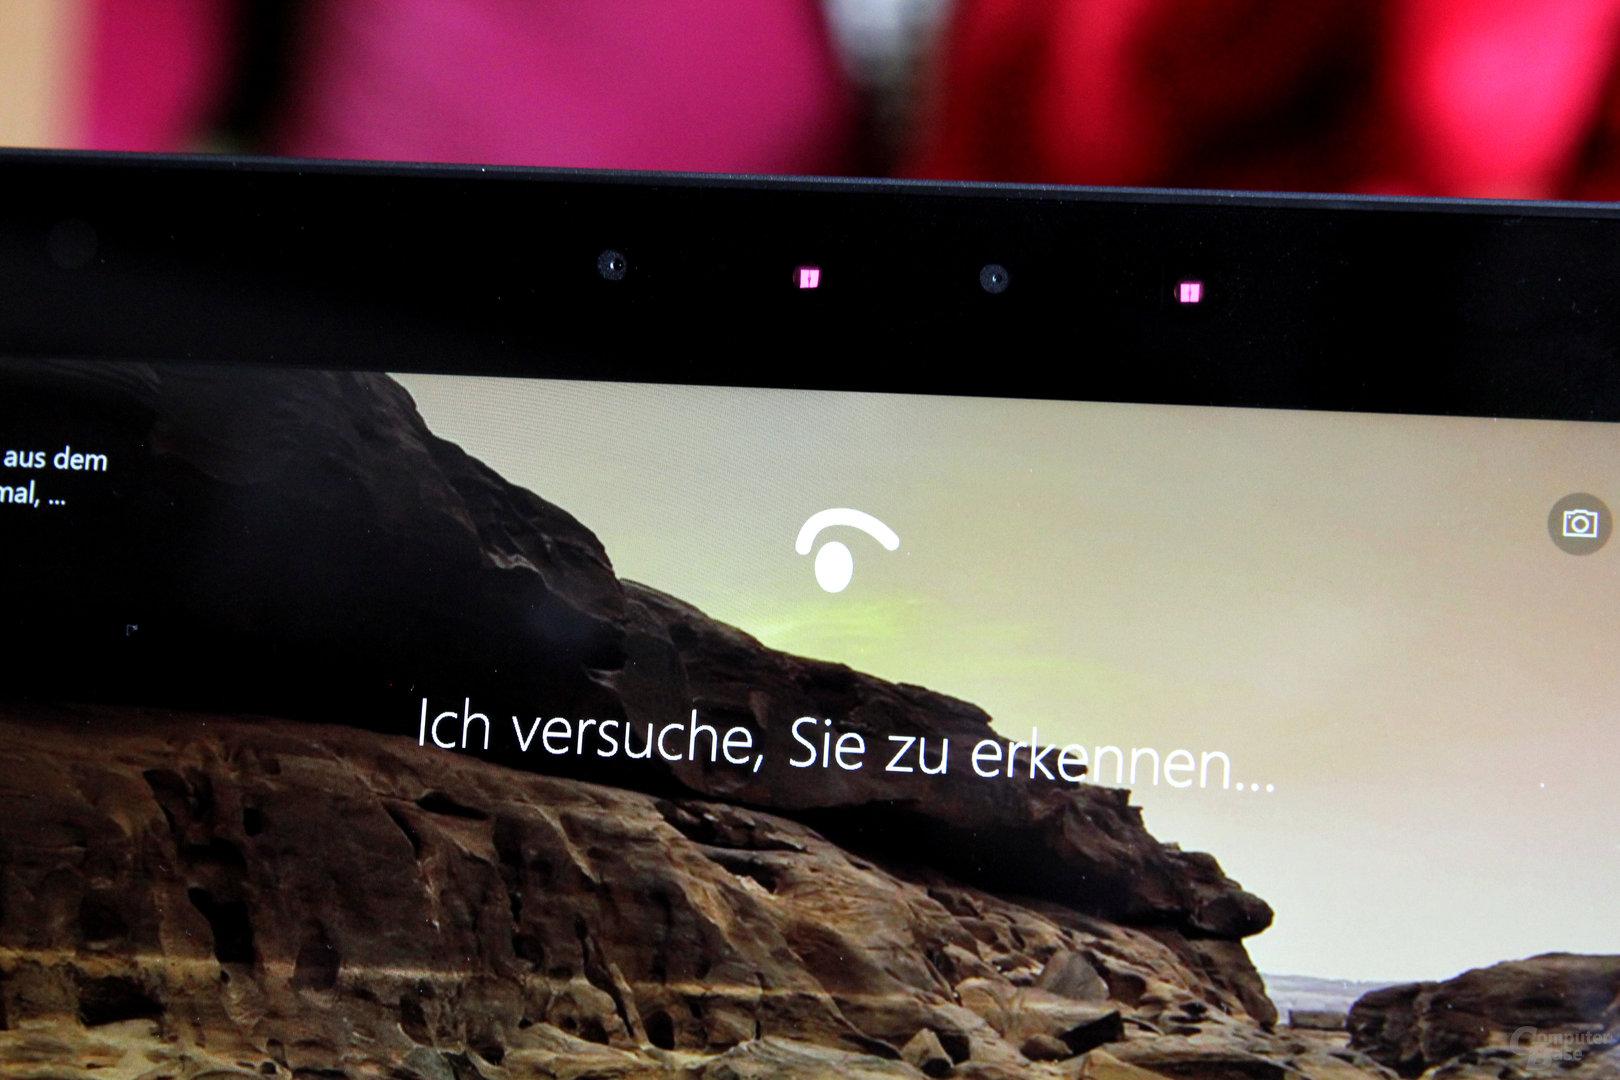 Bei Windows Hello verifizieren zwei Infrarot-Kameras den Nutzer